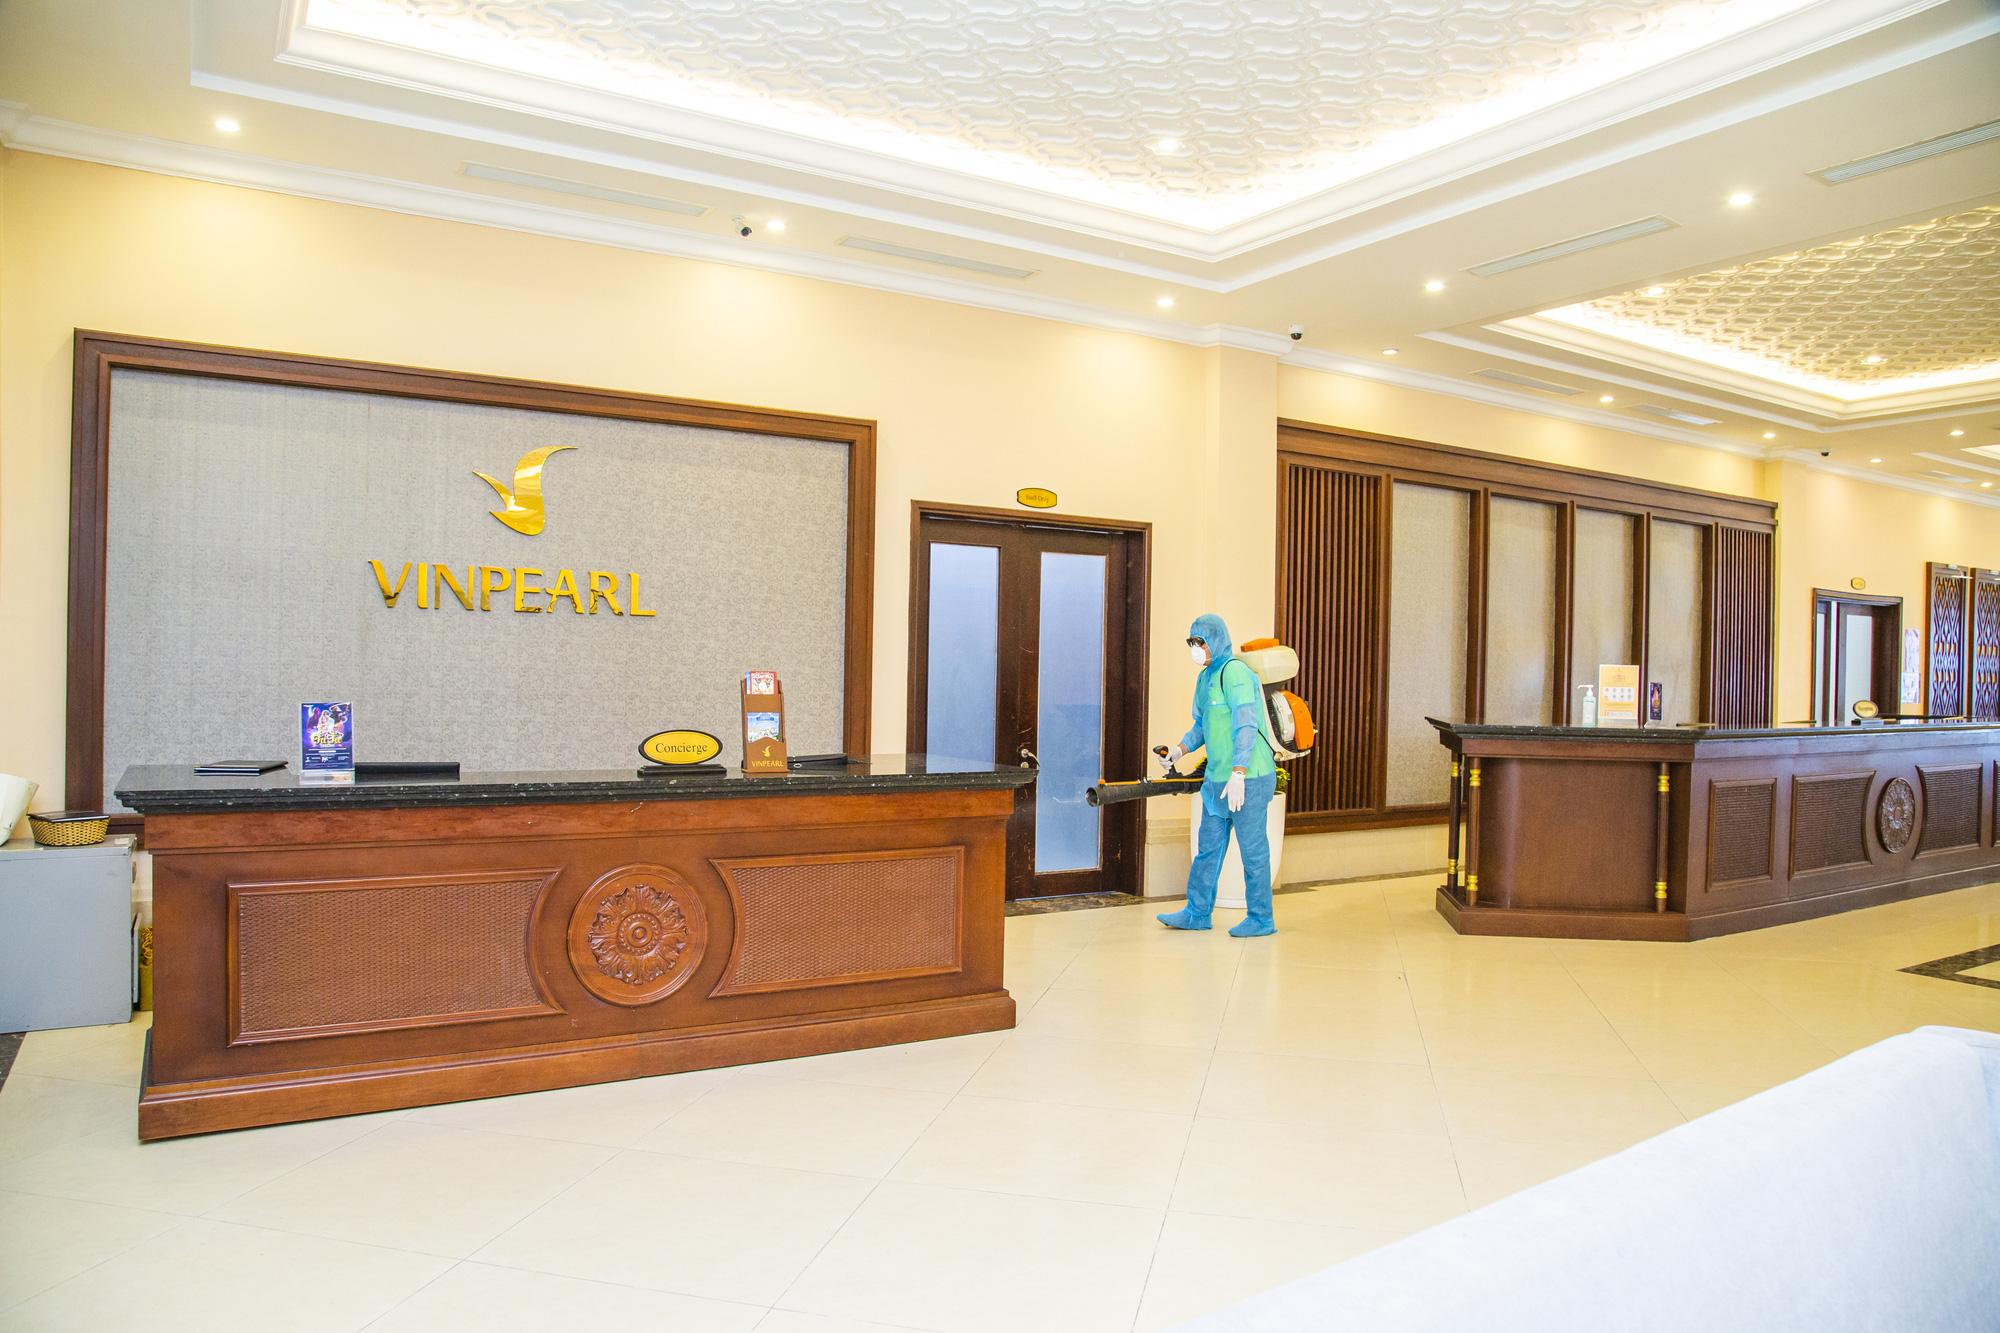 Dịch Covid: Cơ hội chuẩn hóa đón luồng khách mới đến thị trường Nha Trang - Khánh Hòa - Ảnh 1.